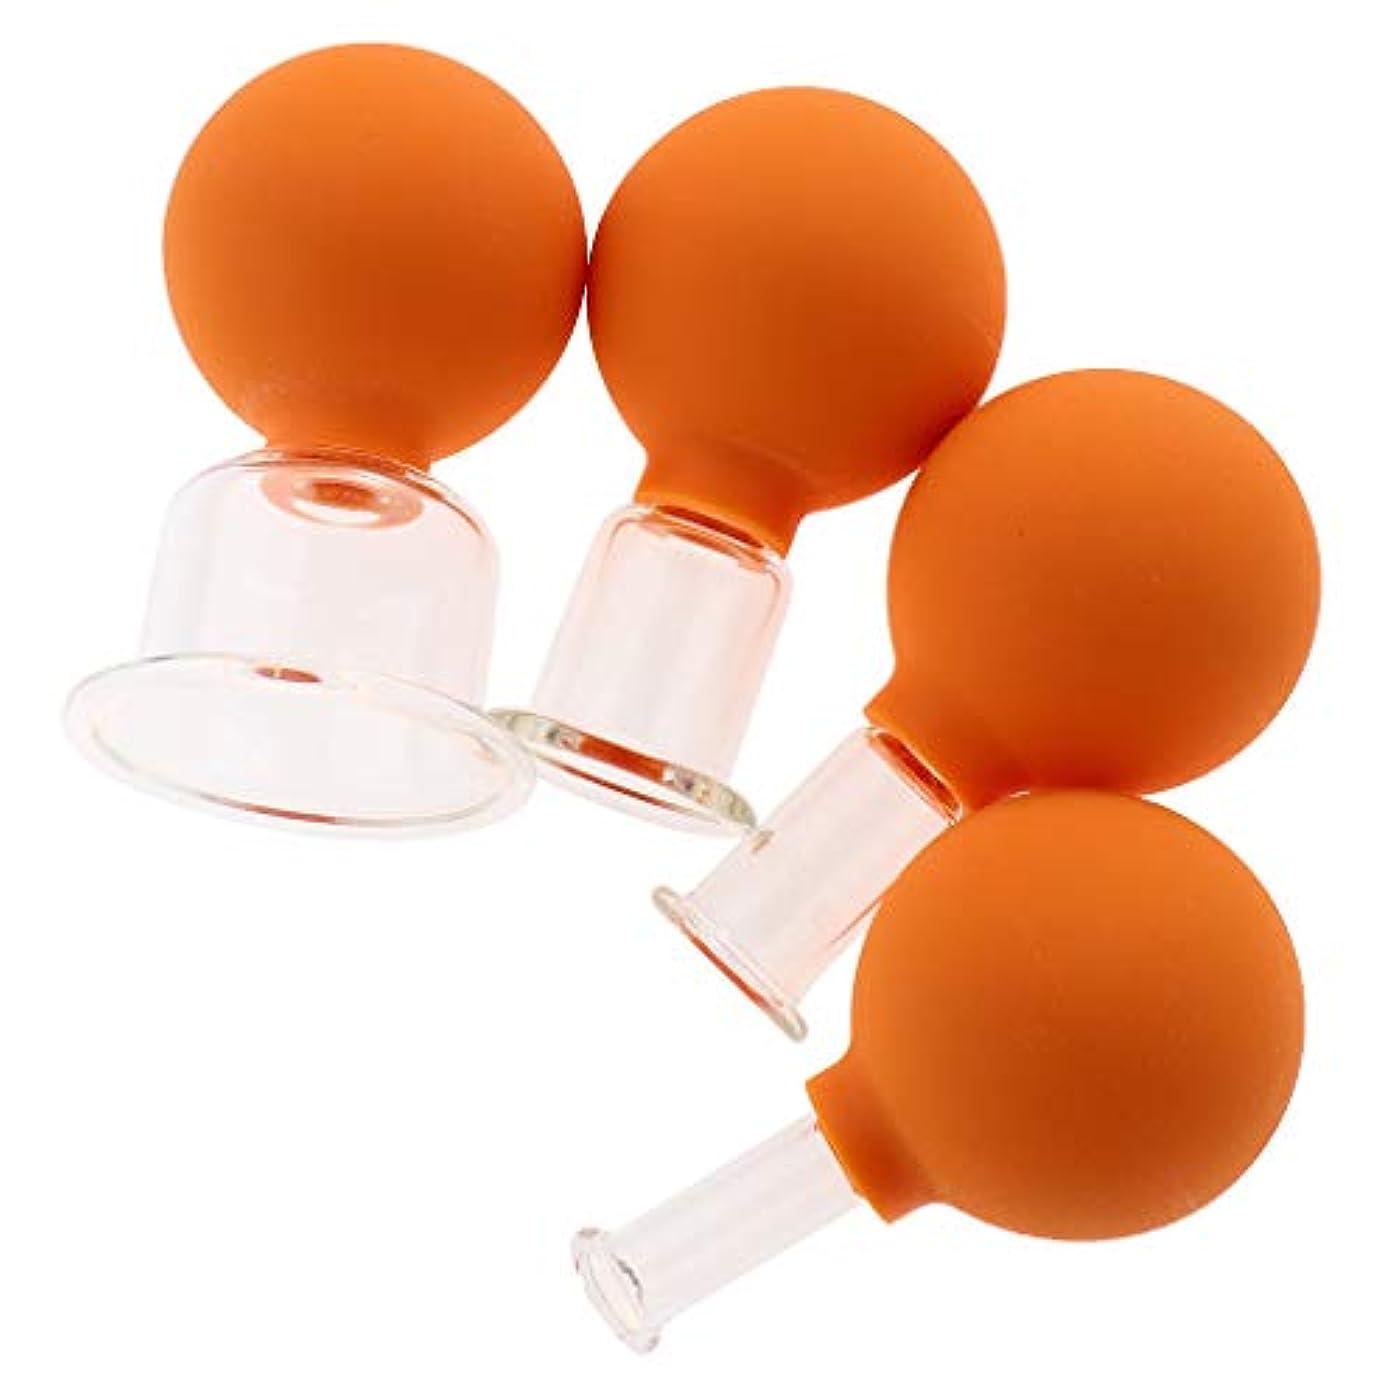 プレフィックスれんが窒息させるCUTICATE 全3色 マッサージカップ ガラスカッピング 吸い玉 マッサージ カッピングセット 4個入 - オレンジ